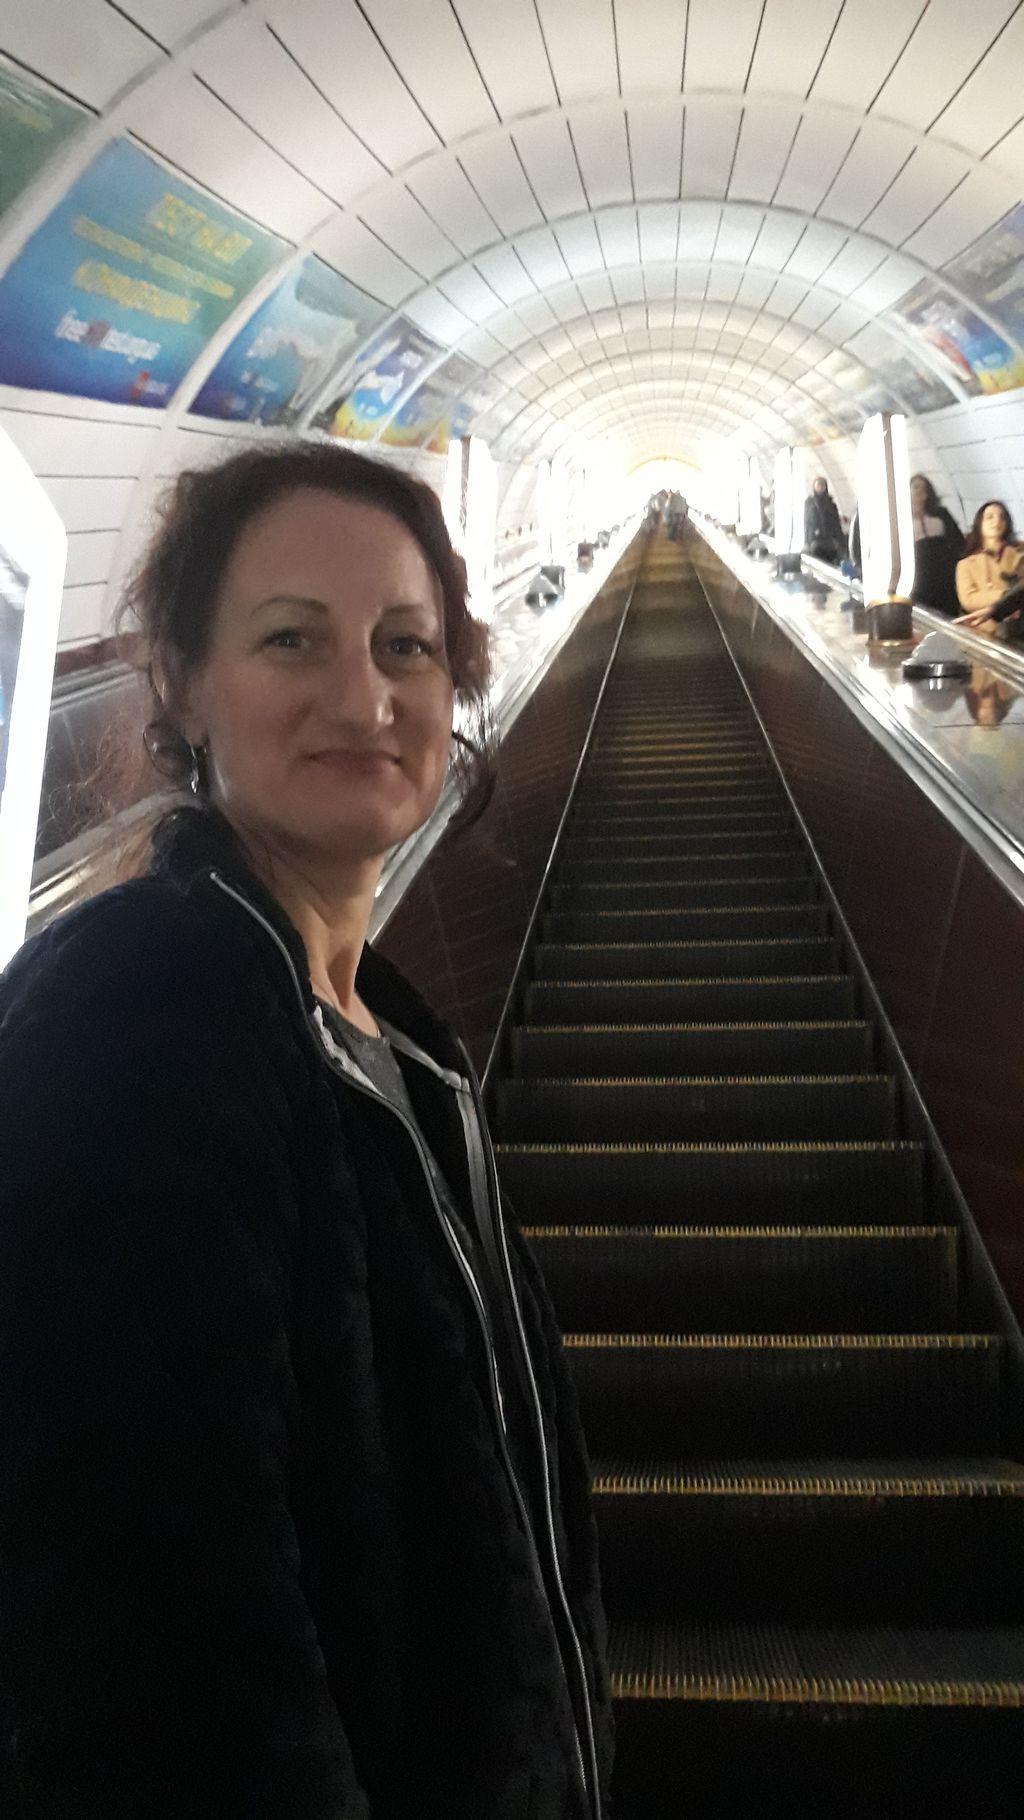 Nejhlubší stanice metra na světě - Arsenalna 105m